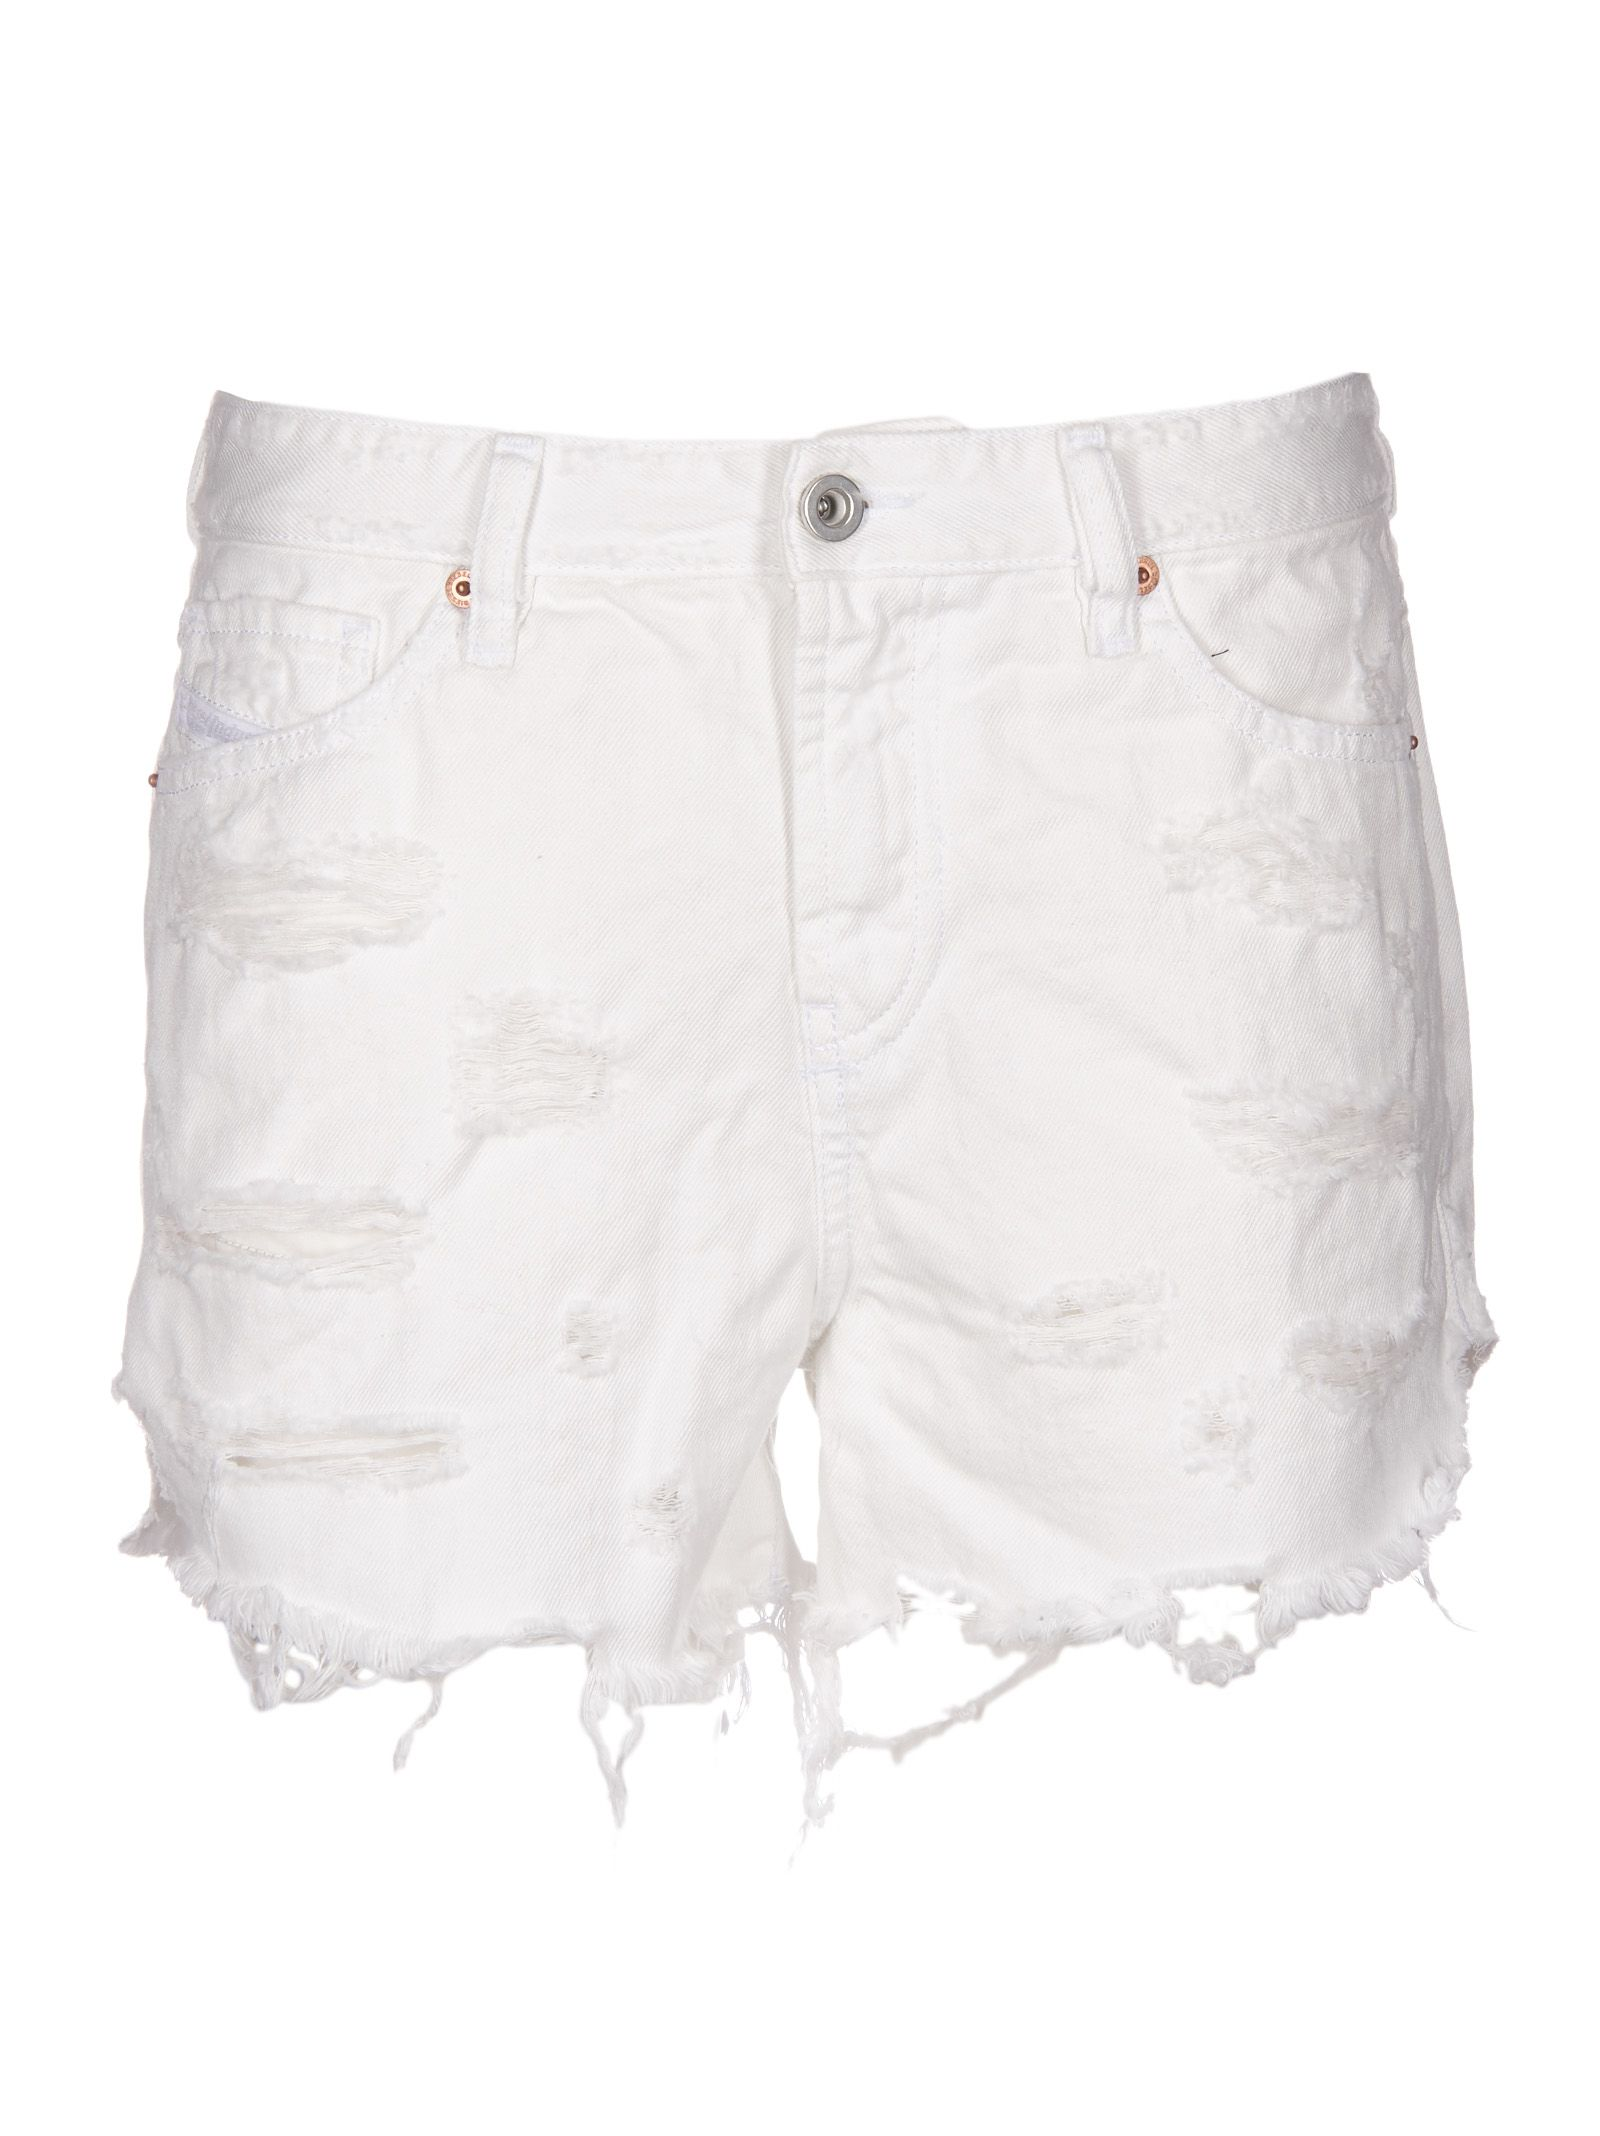 distressed denim shorts - Black Diesel FN81ud1k6